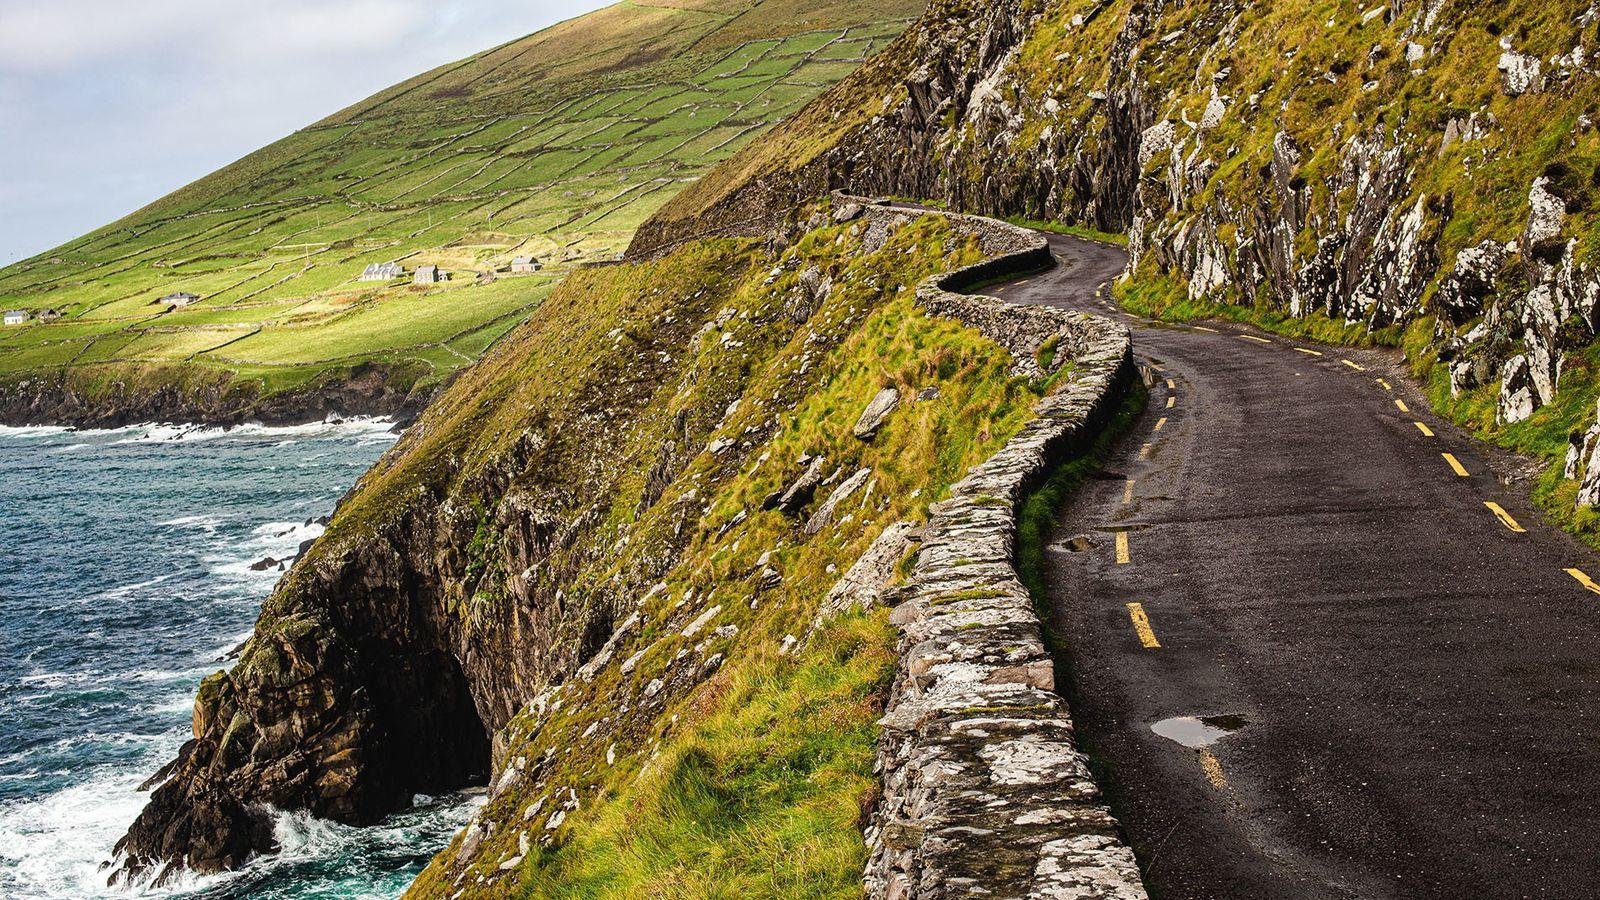 Coastal road on the Dingle Peninsula.